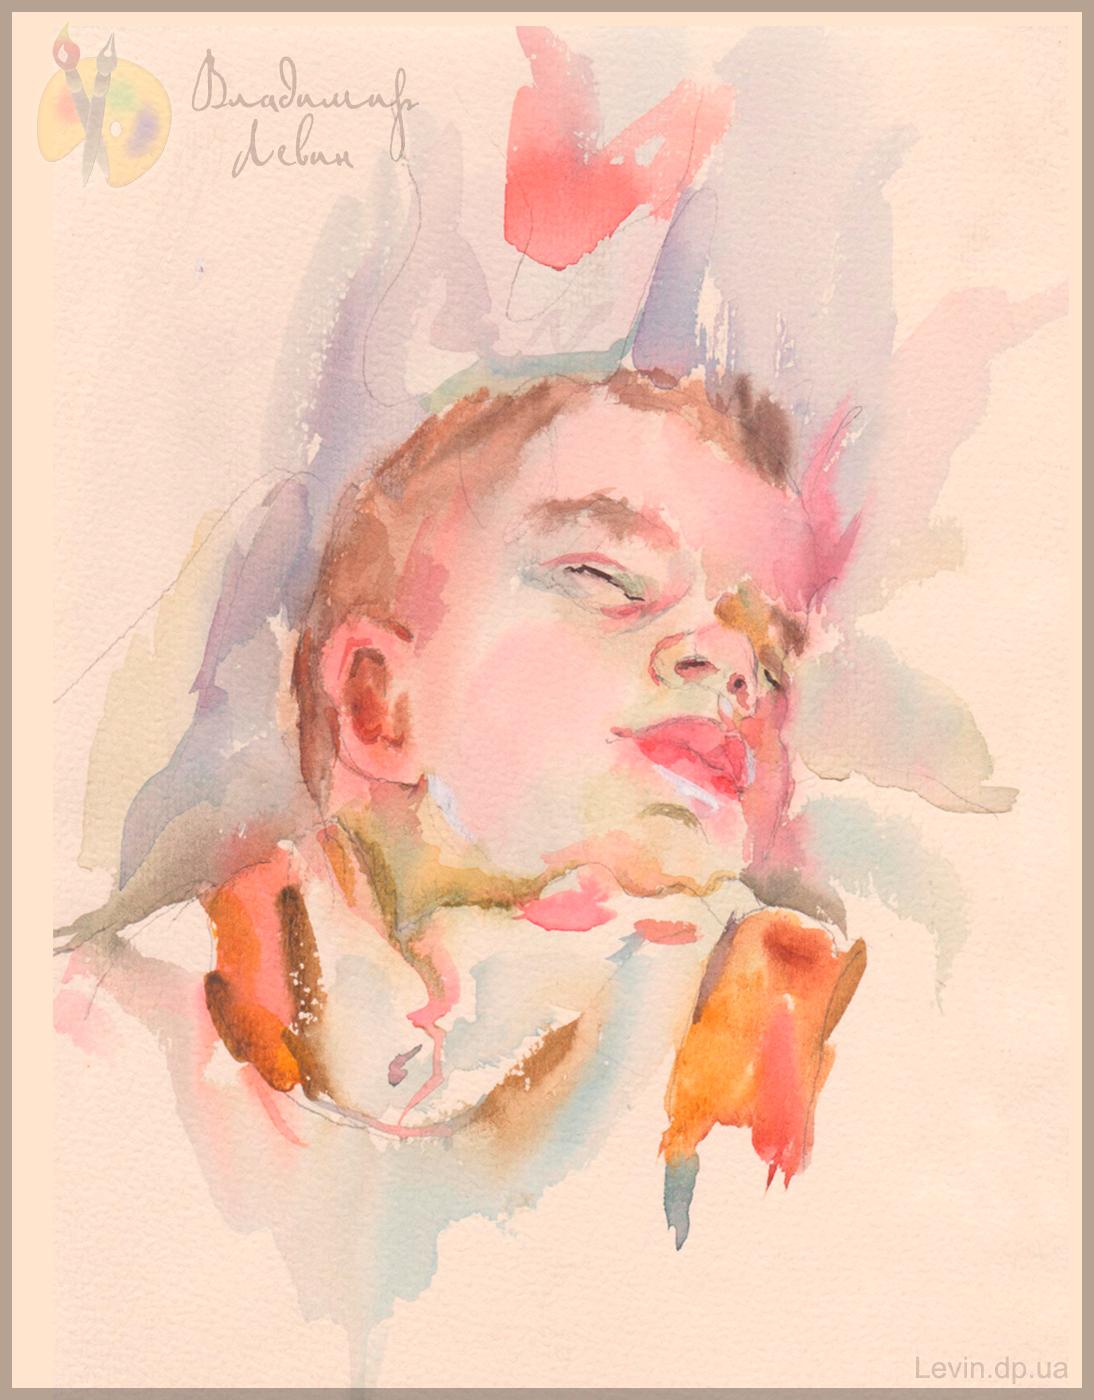 Спящий ребенок рисунок